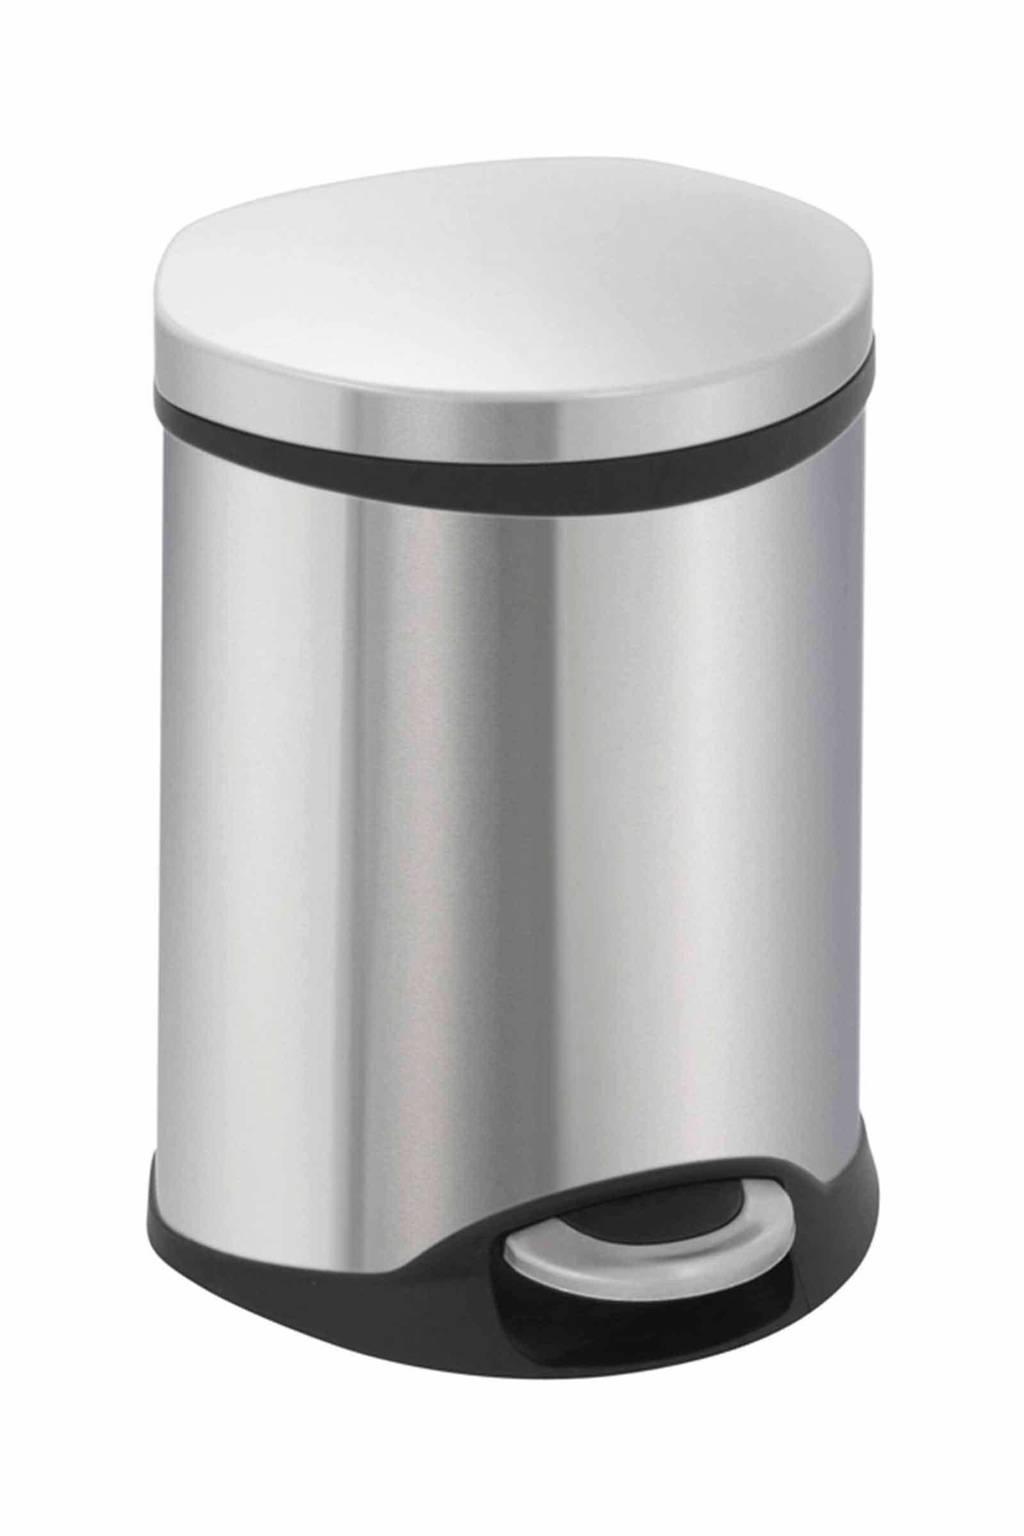 EKO 6 liter pedaalemmer, Mat rvs